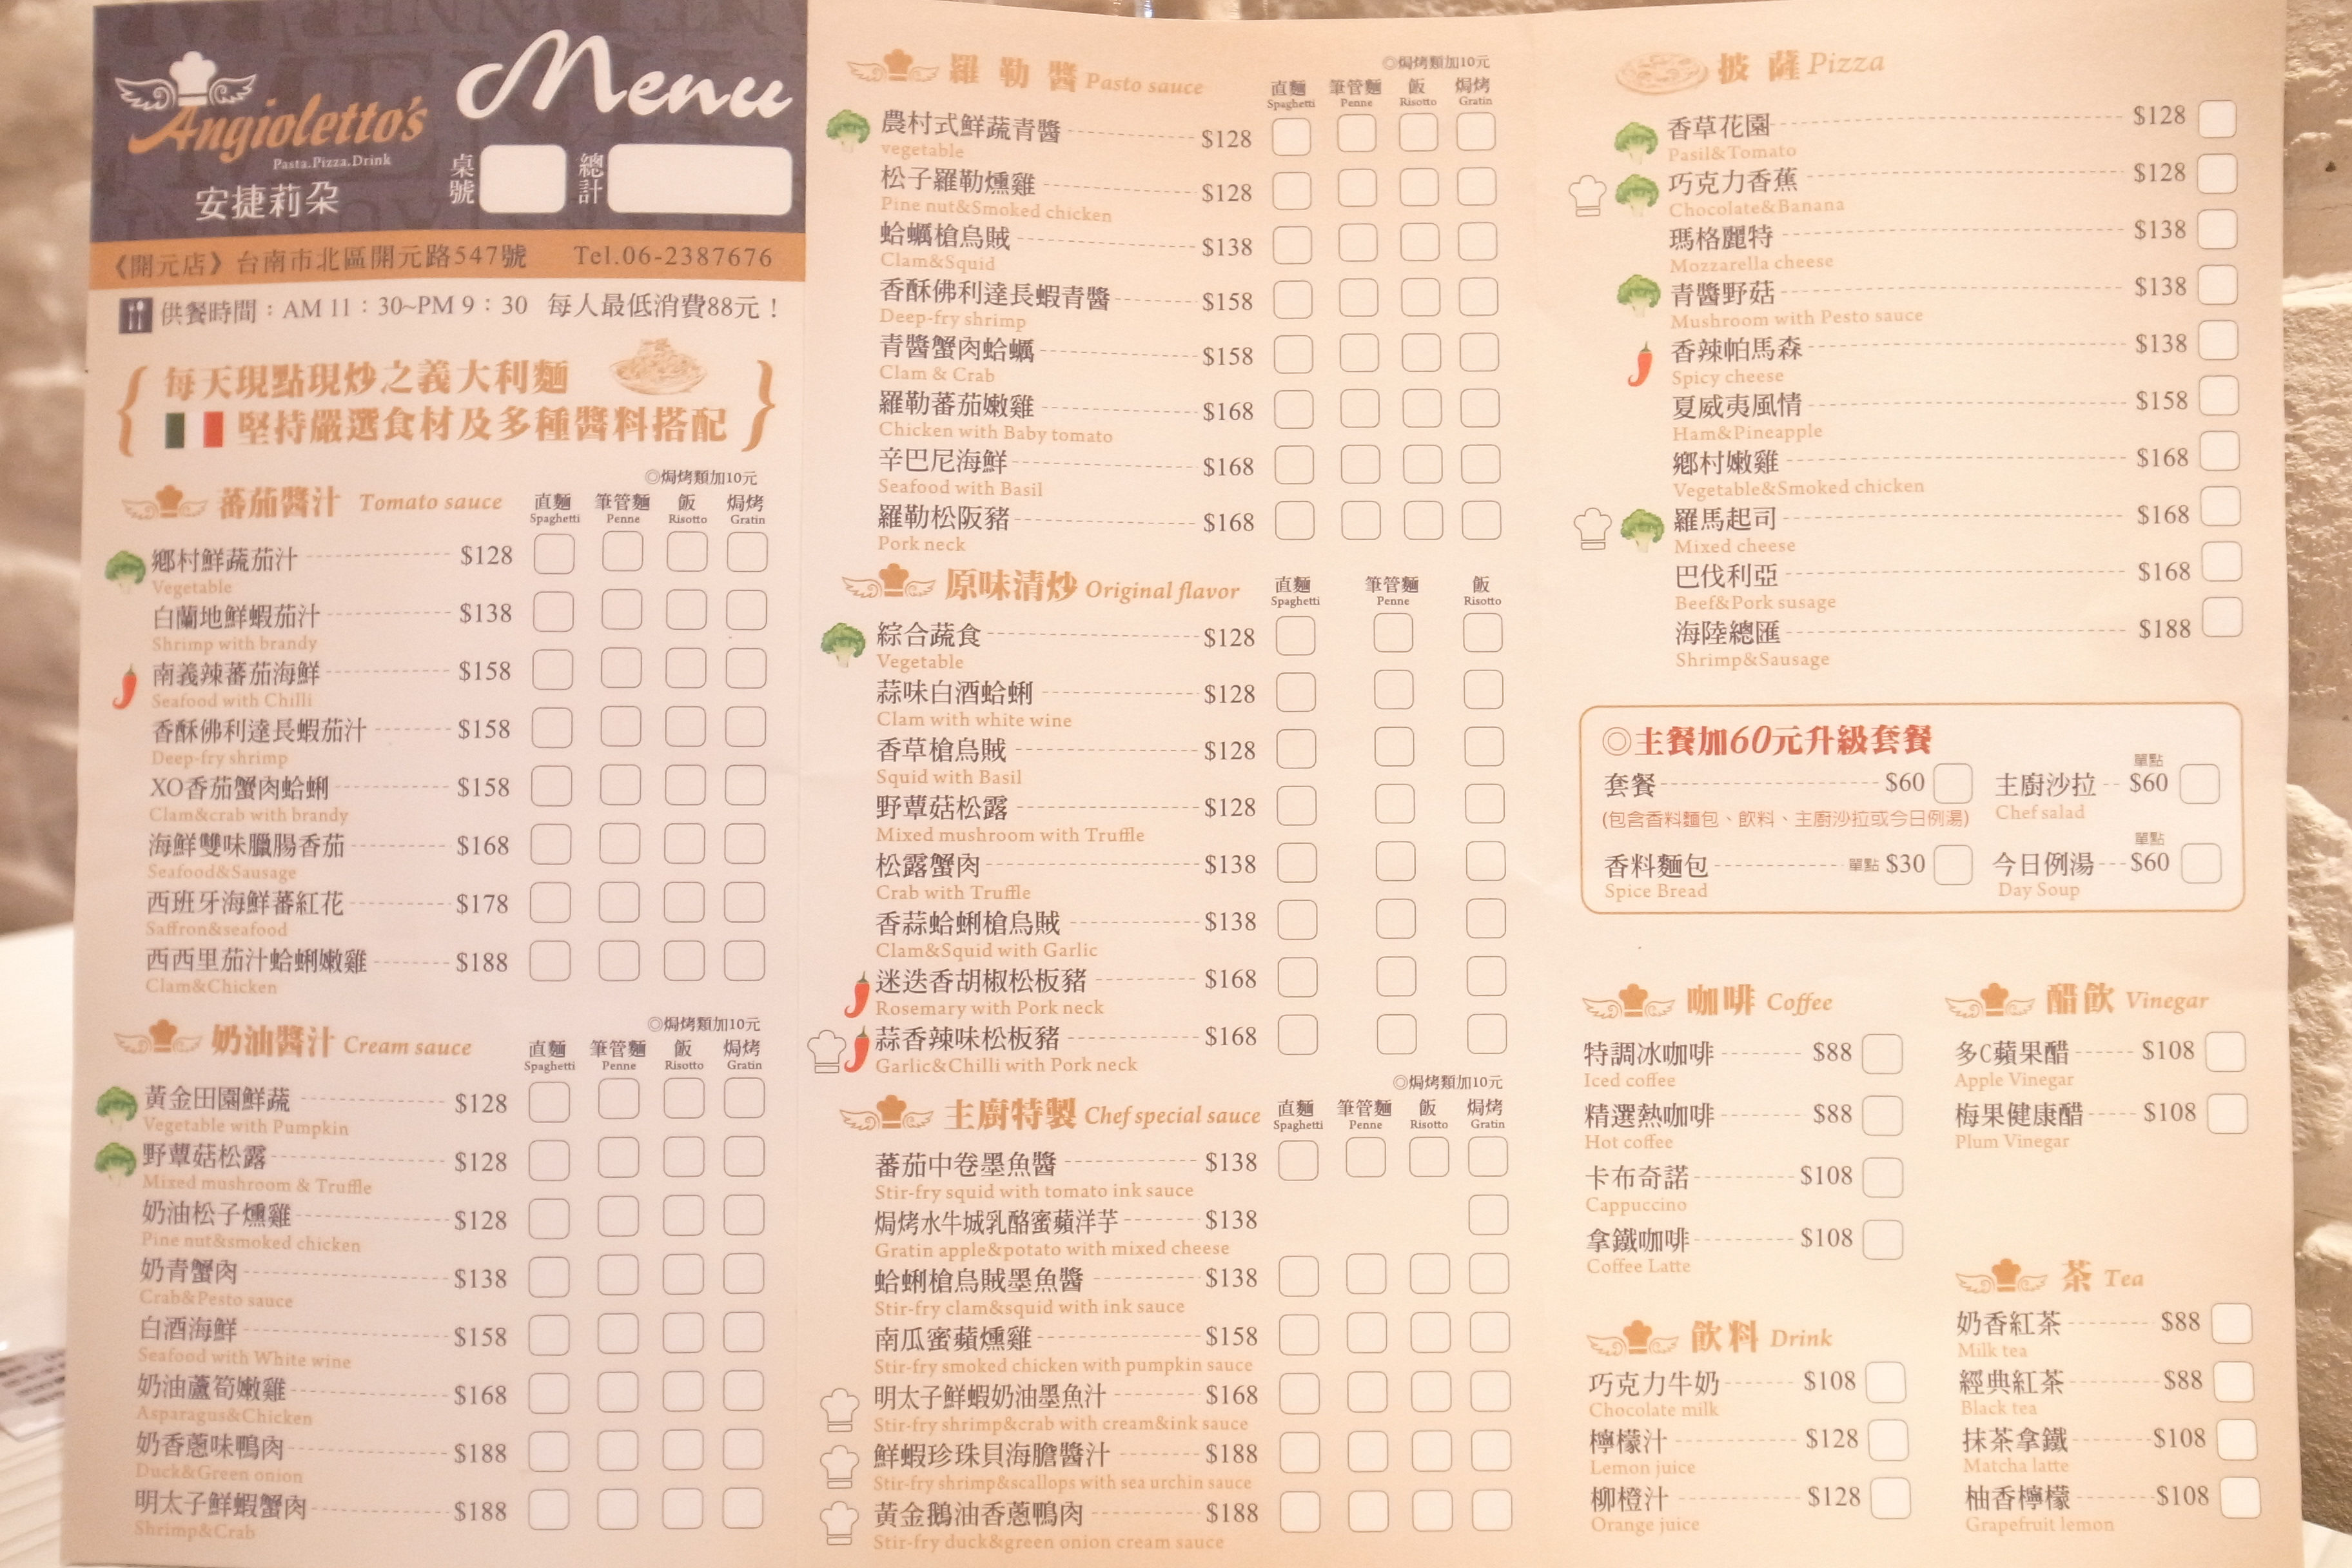 0安捷莉朵義大利餐廳-菜單